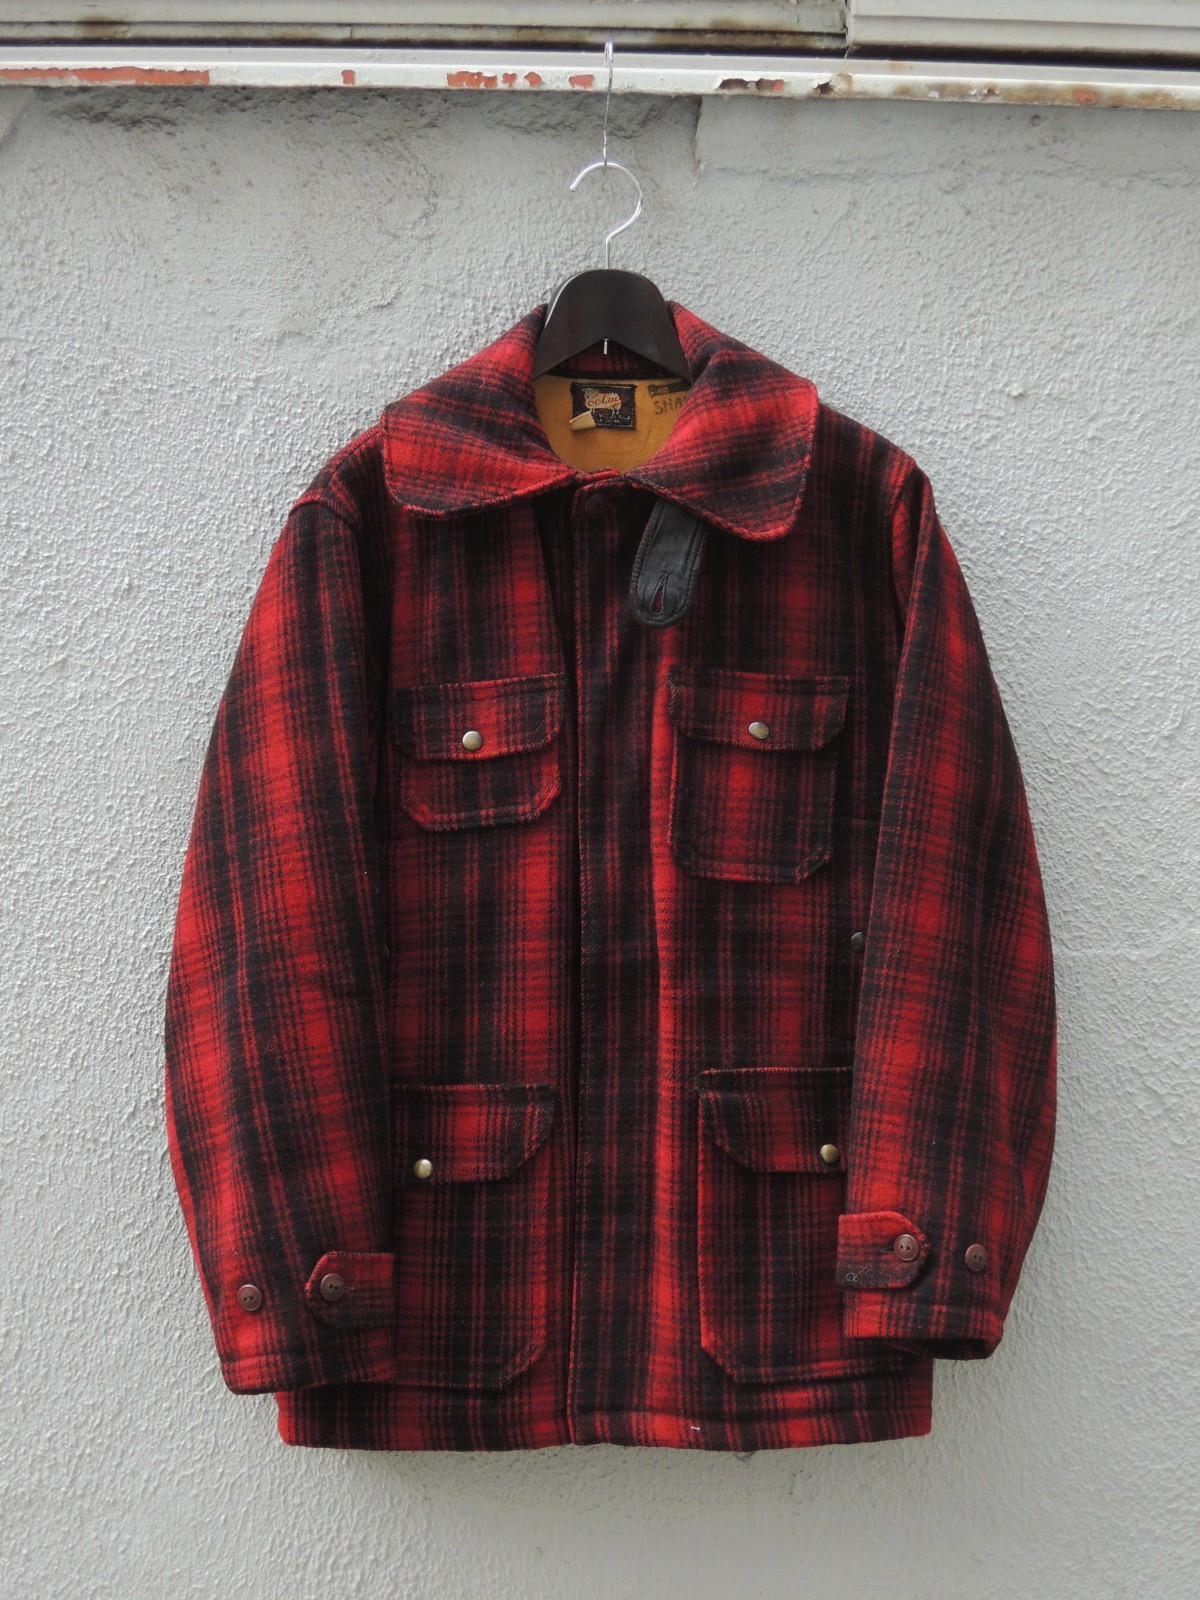 woolrichhuntingjacket_04.JPG